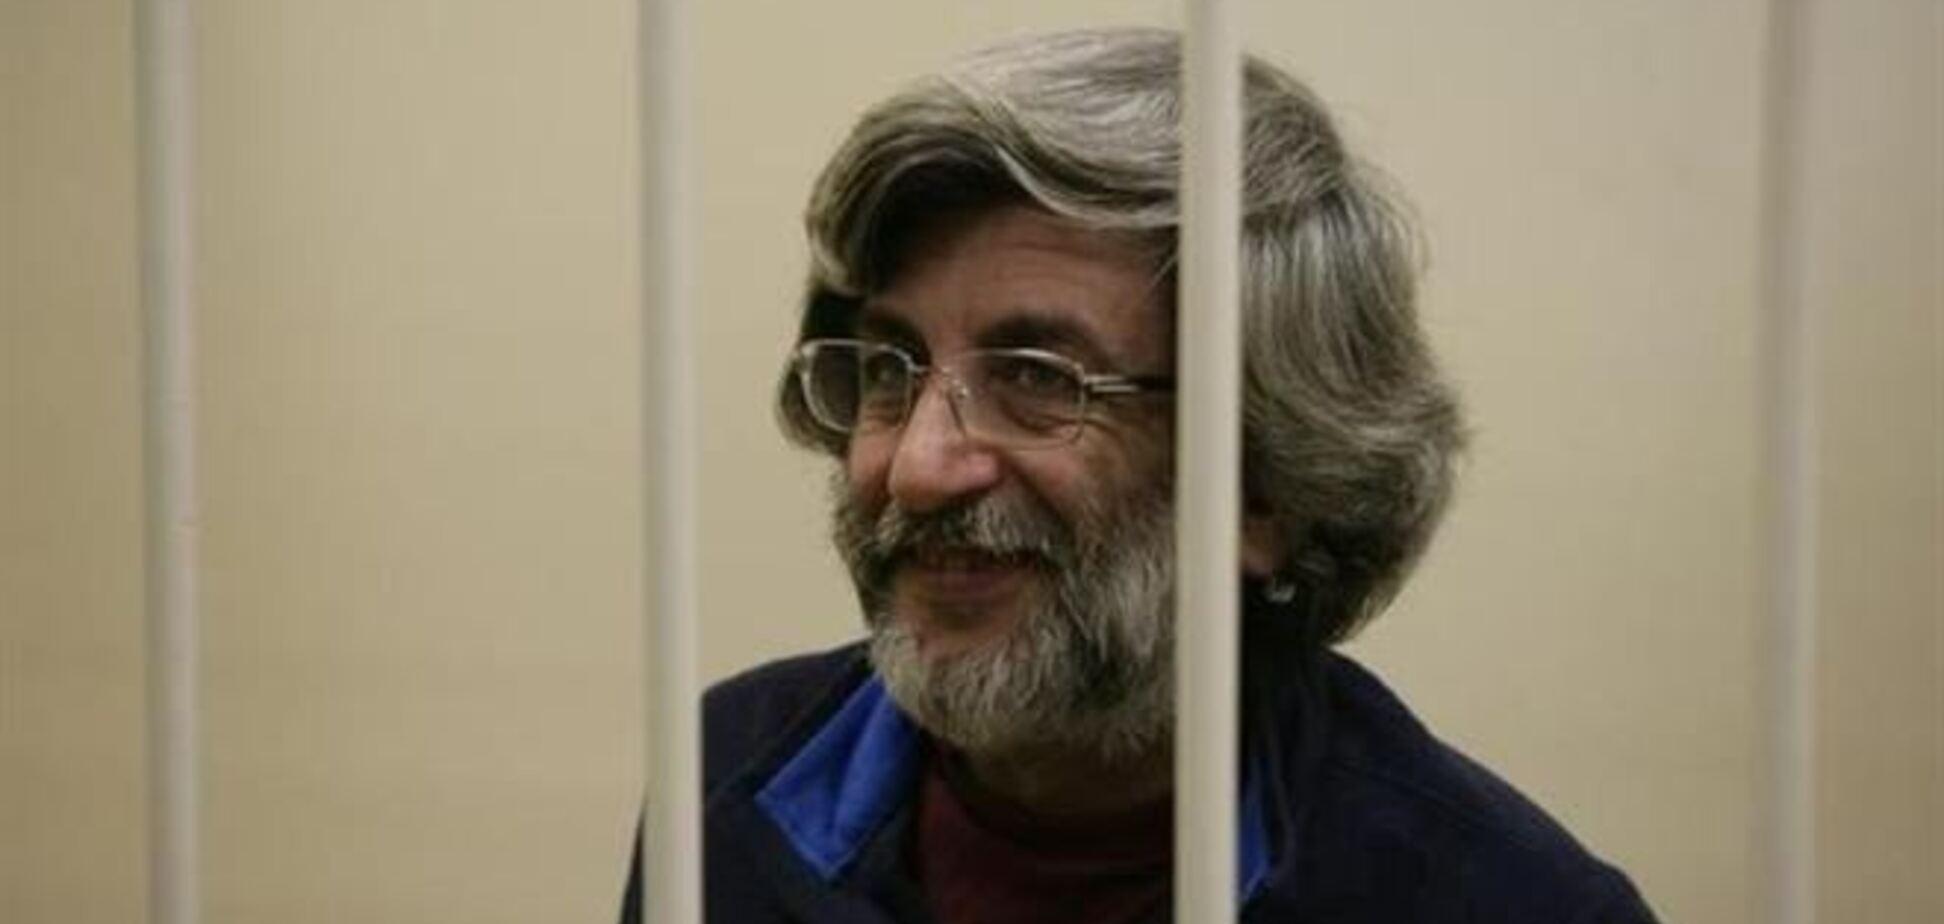 Суд відпустив під заставу фотографа і прес-секретаря з Arctic Sunrise